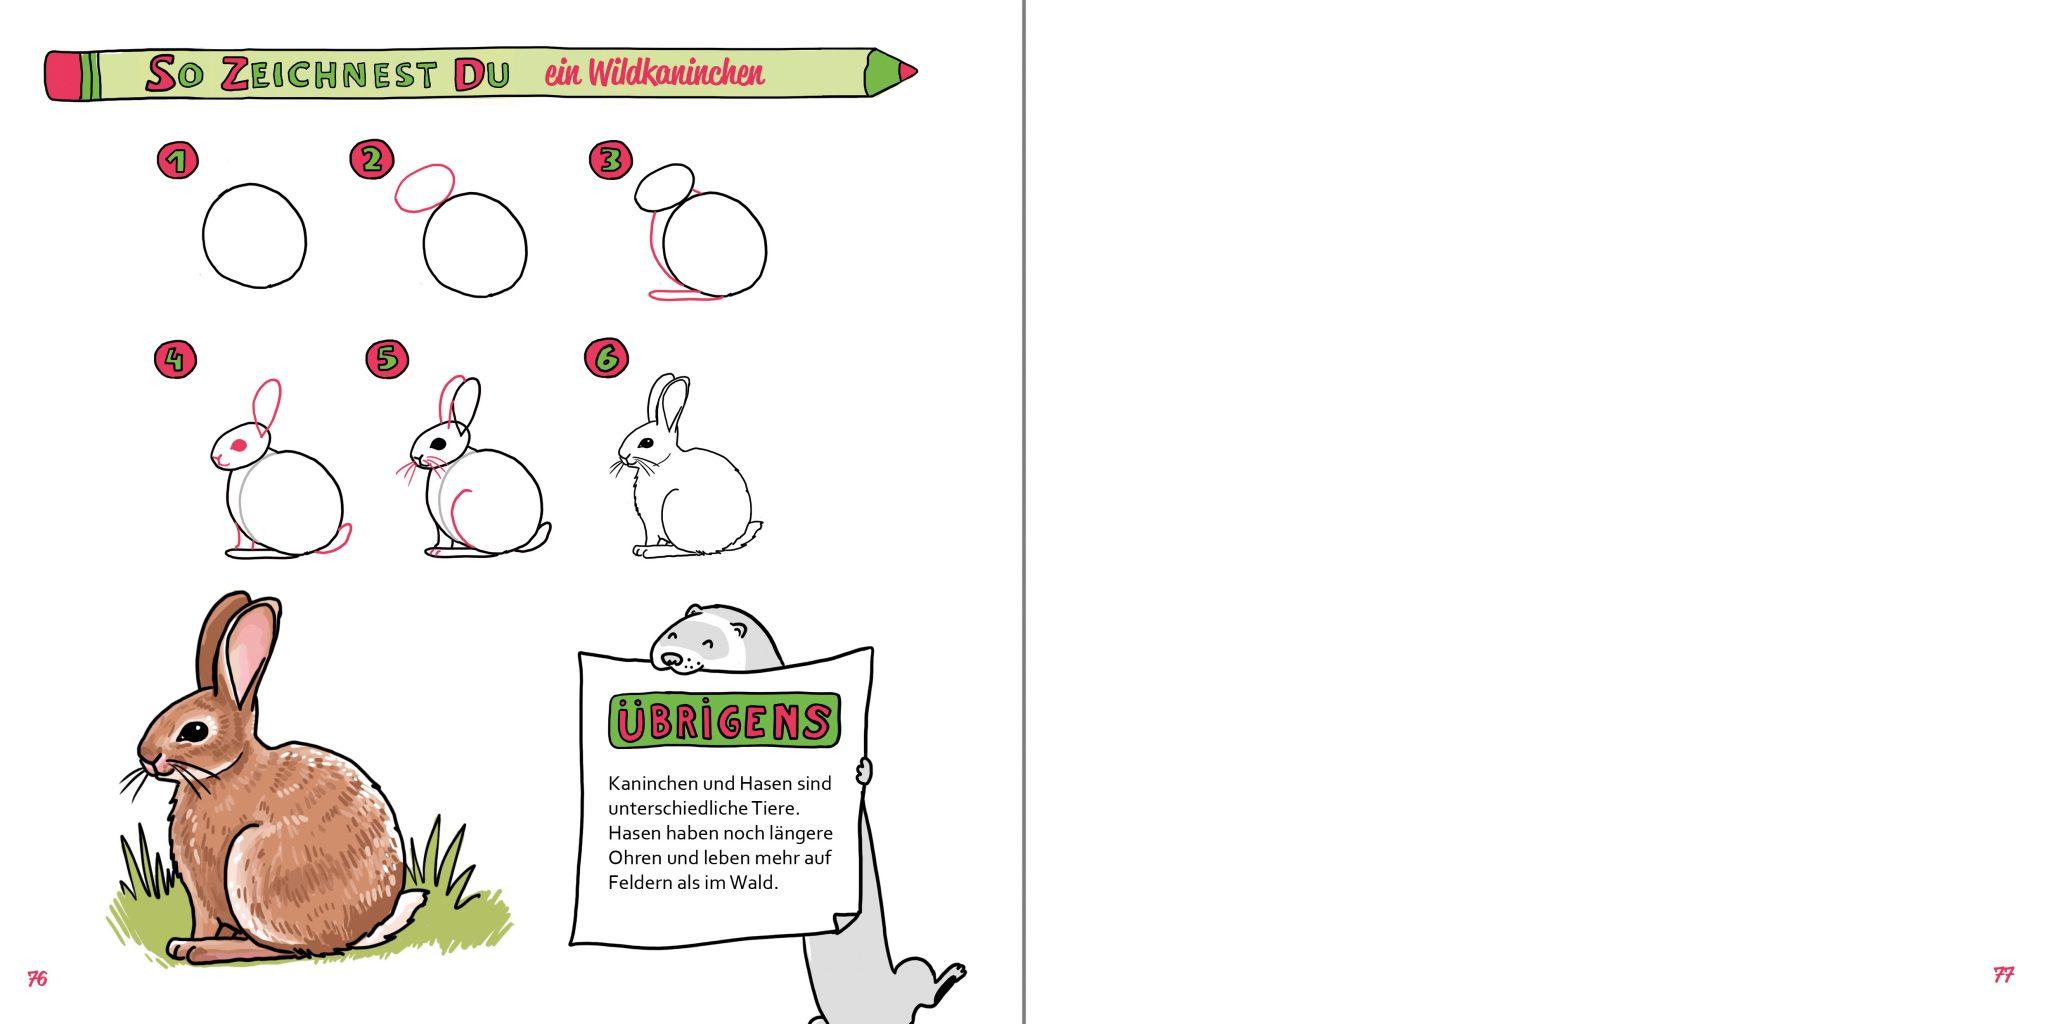 So zeichnest du ein Wildkaninchen Buch Zeichenanleitung